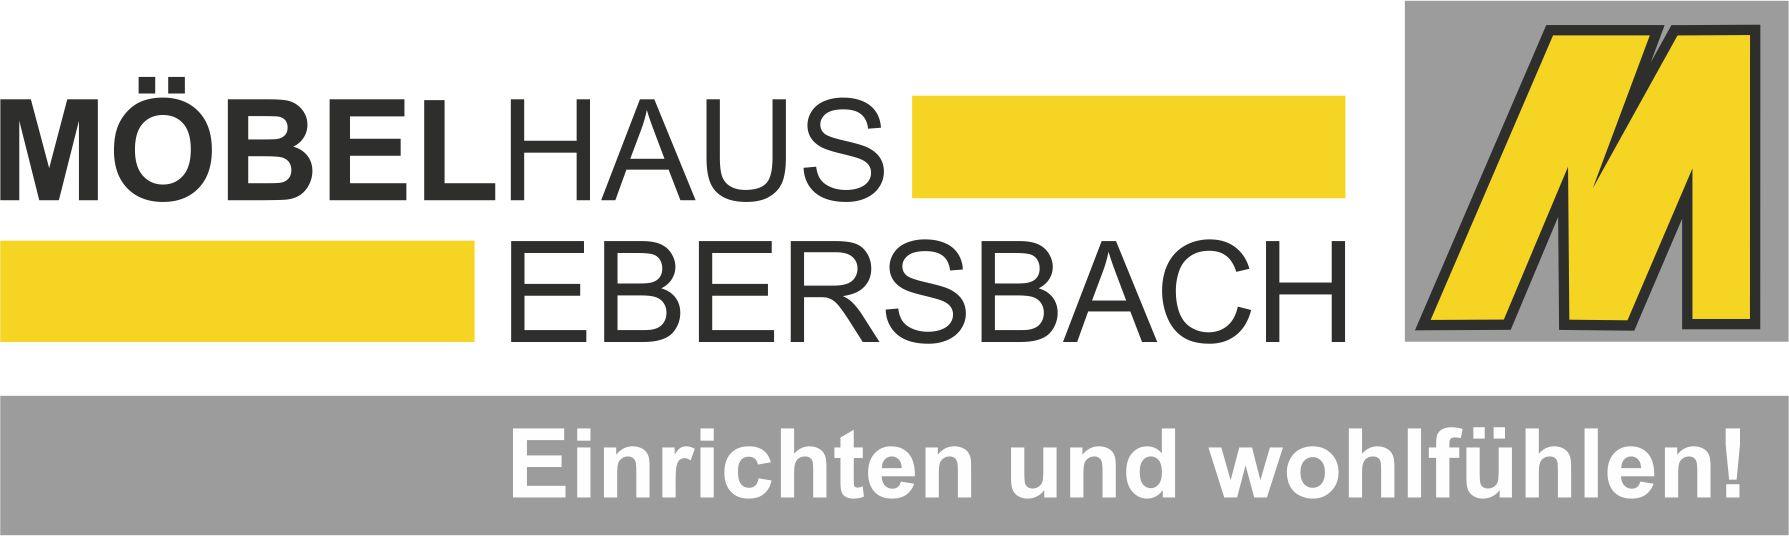 Mobel Oberlausitz Info Branchenverzeichnis